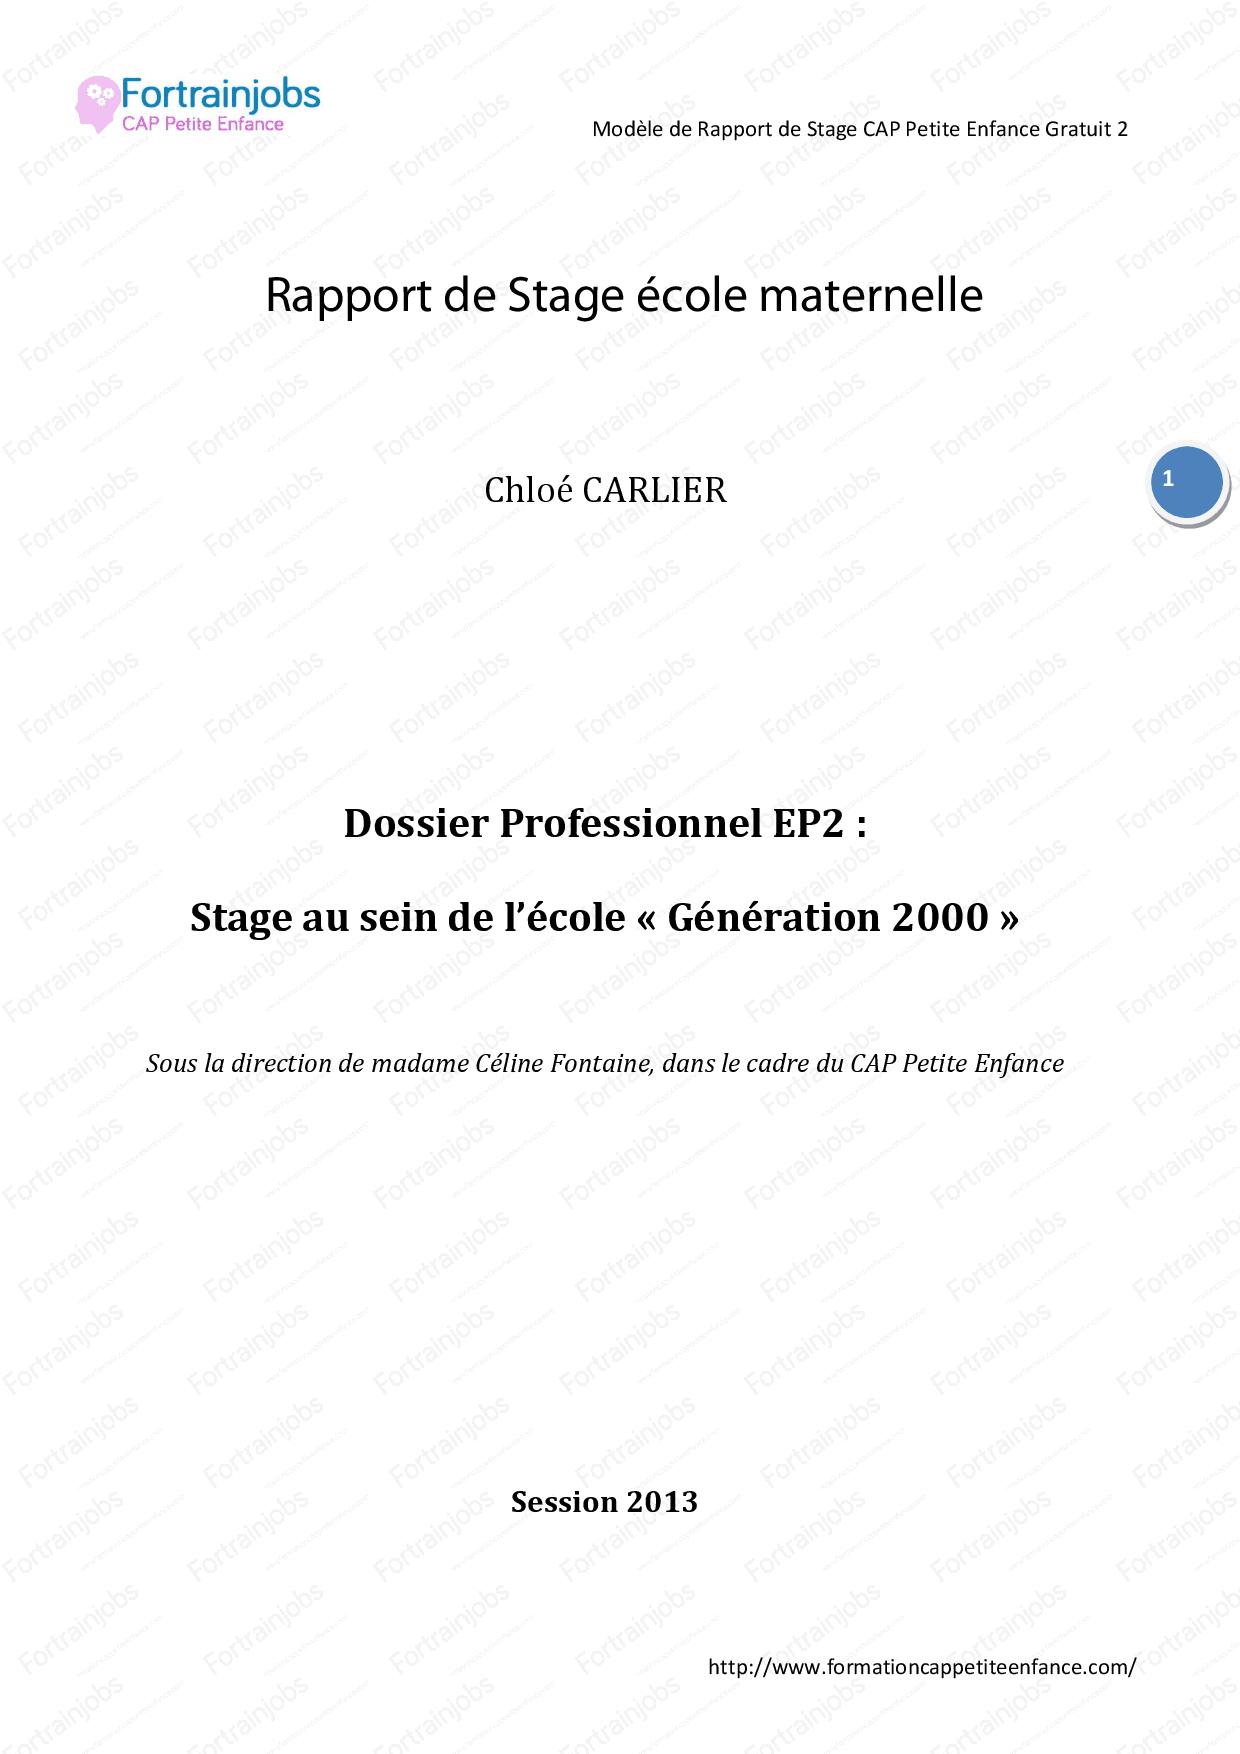 Rapport De Stage École Maternelle - Docsity avec Apprendre A Ecrire Gratuit